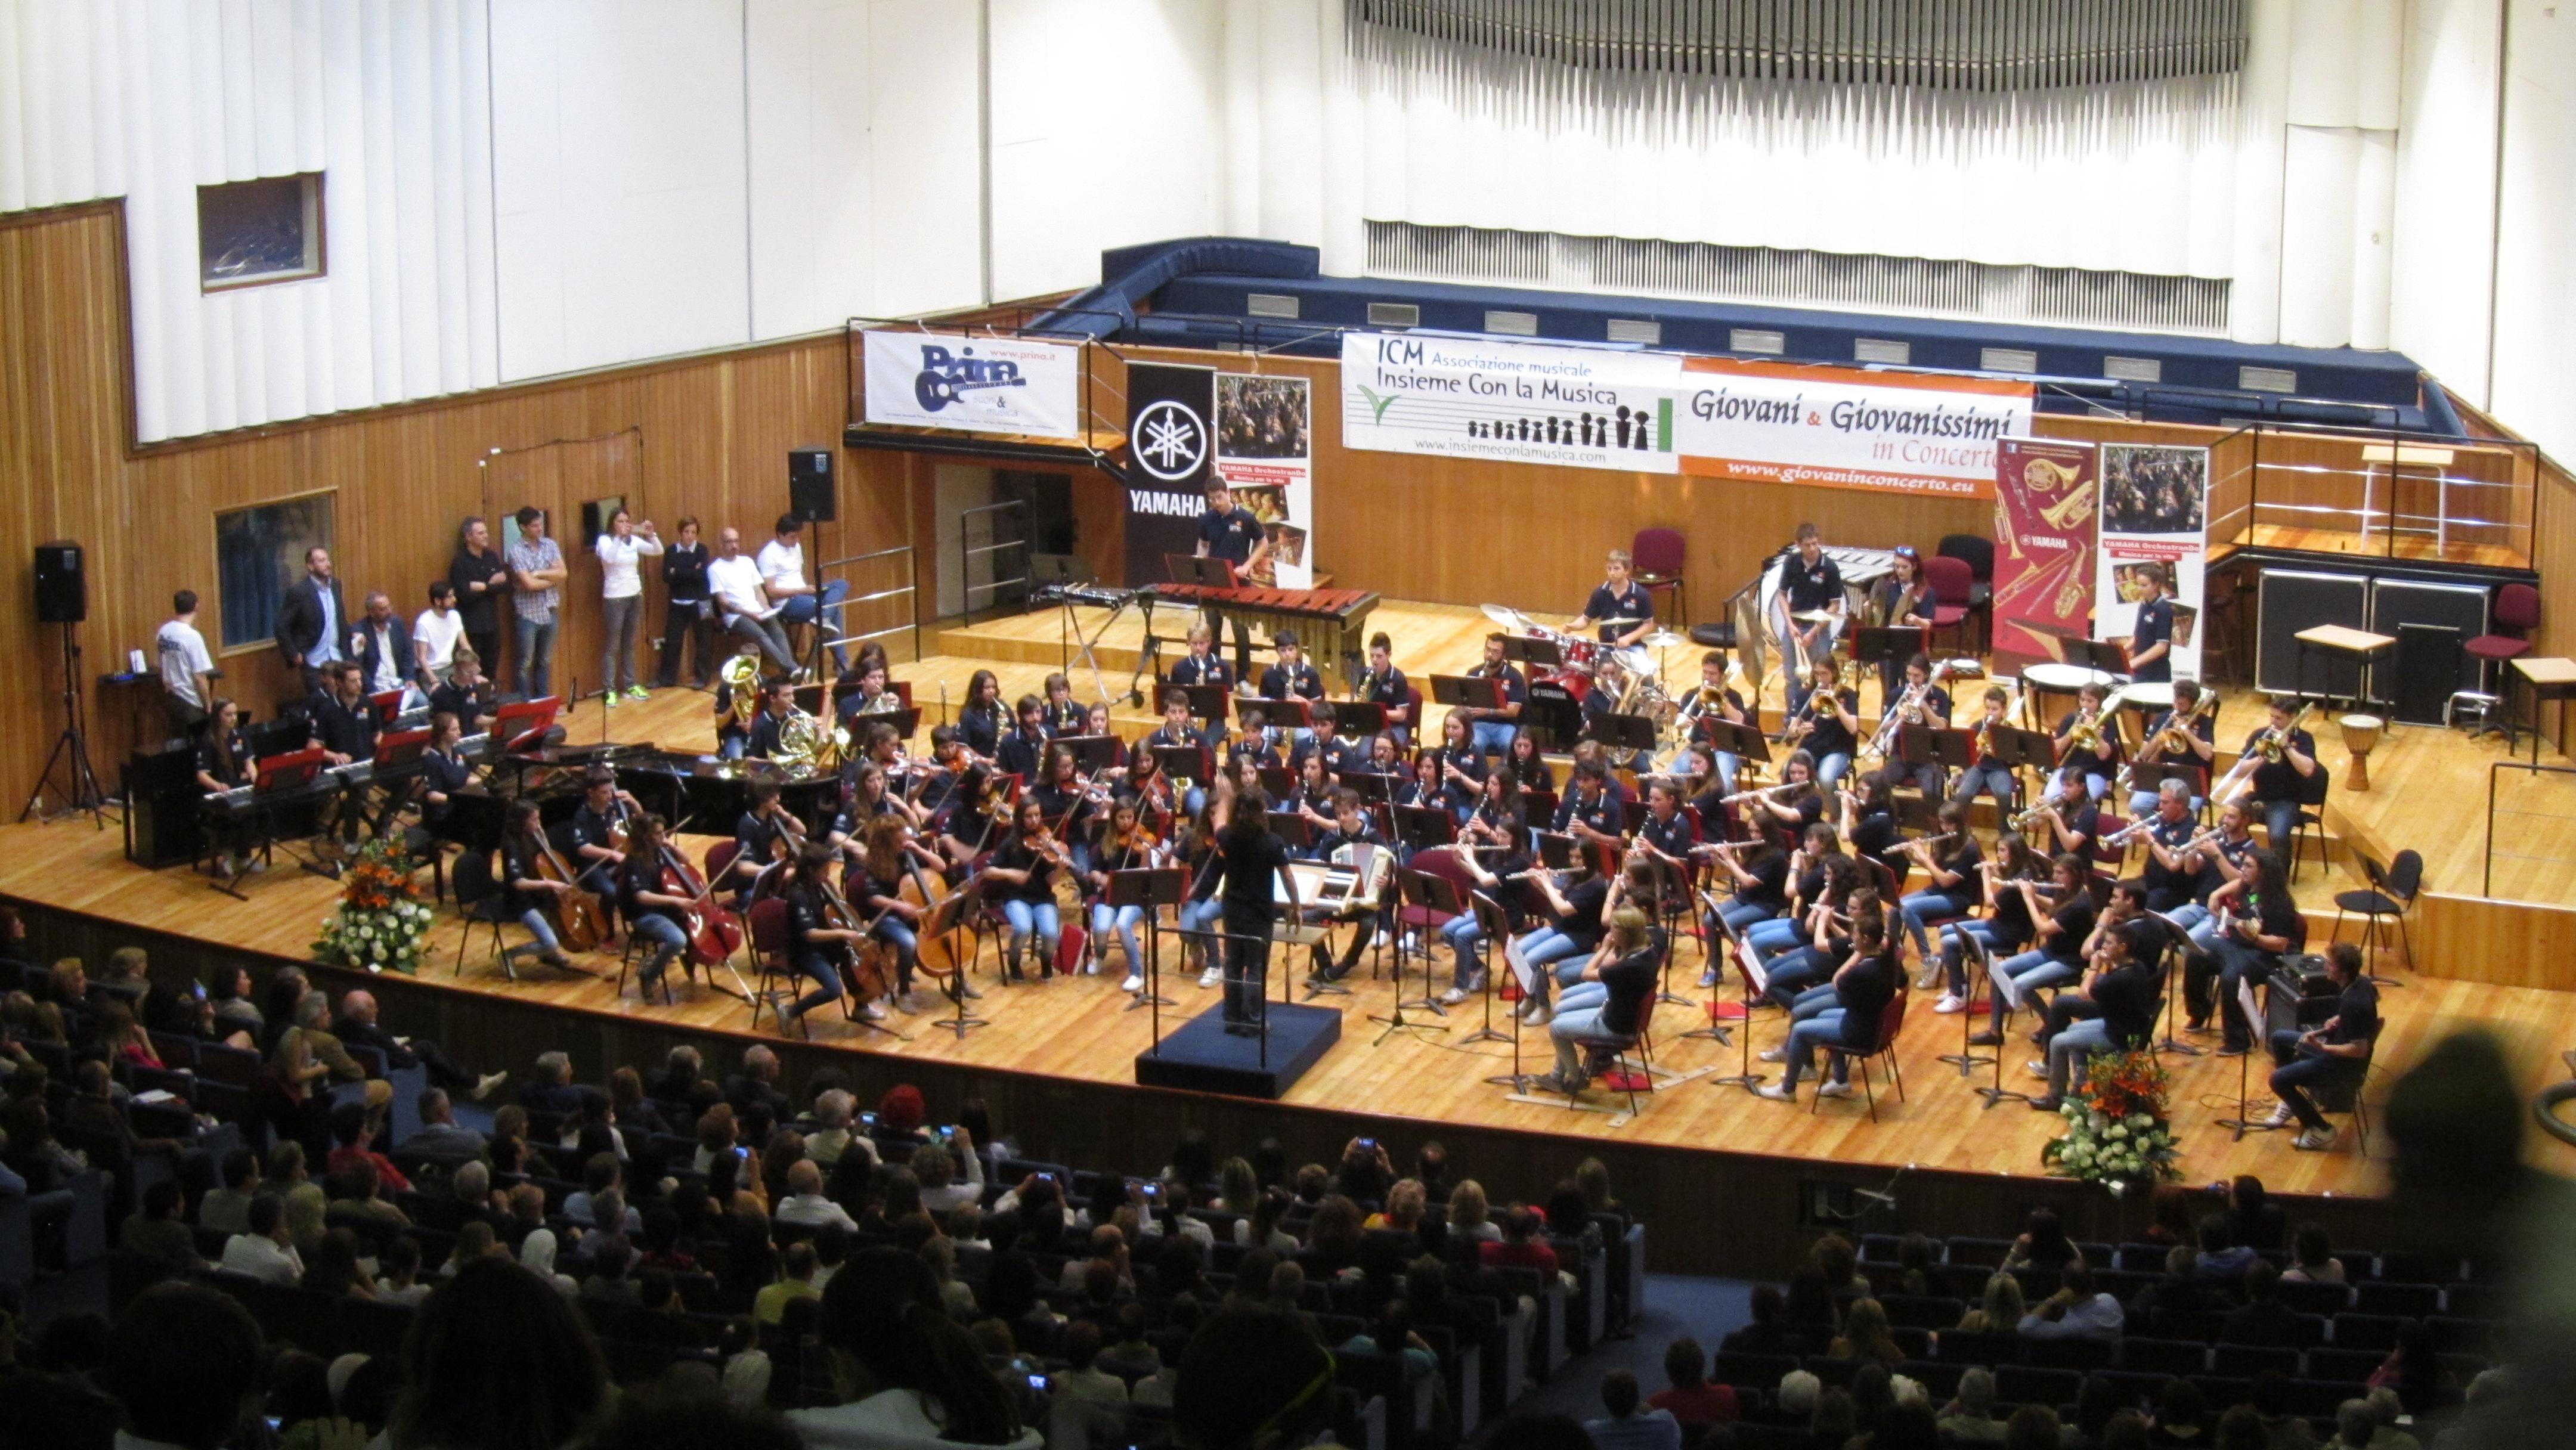 2014 - Conservatorio G.Verdi (Milano)